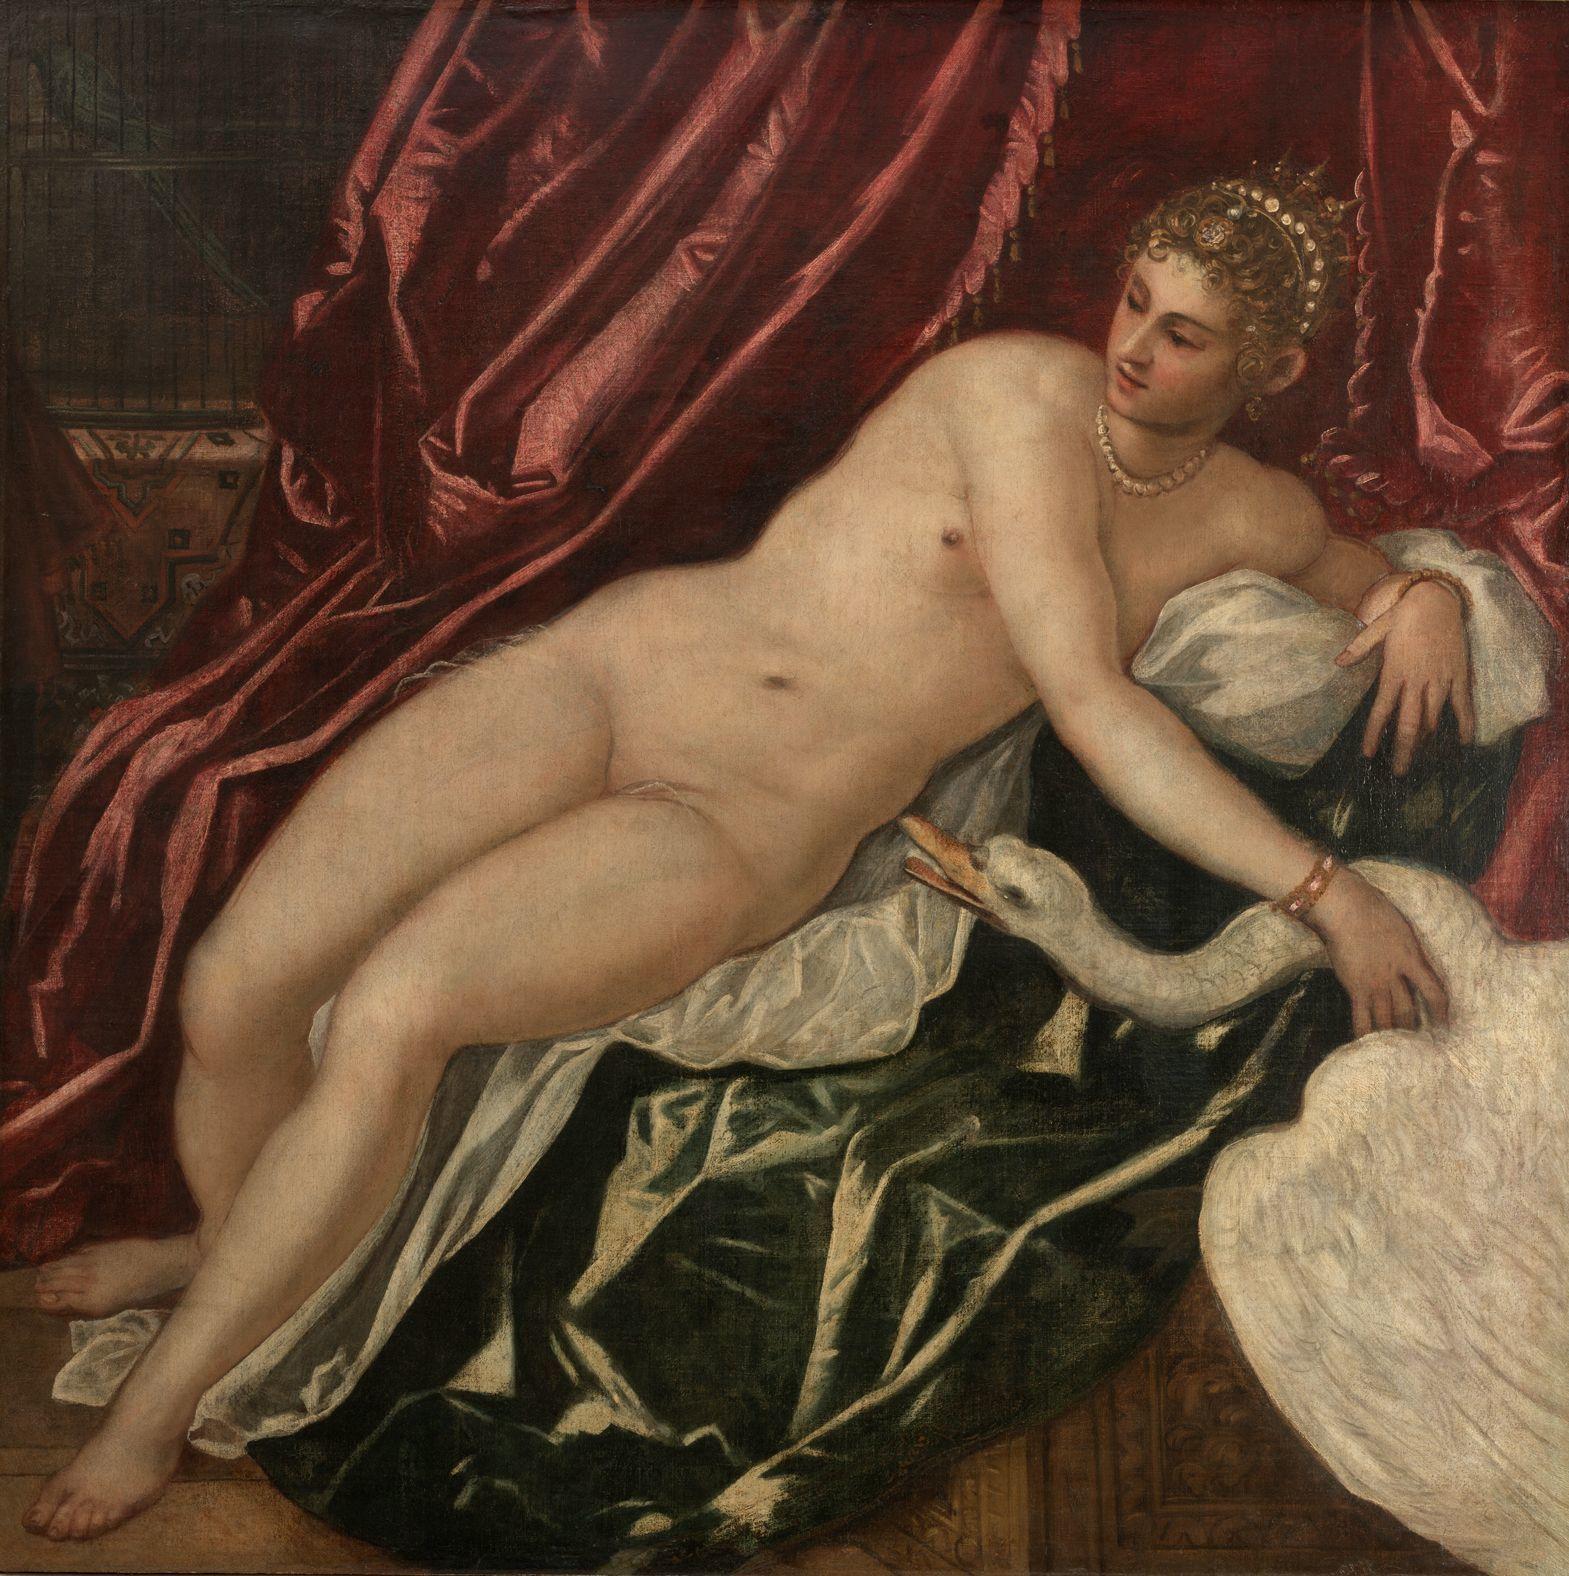 ティントレット (ヤコポ・ロブスティ) 《レダと白鳥》 1551-55年頃 ウフィツィ美術館 © Gabinetto Fotografico delle Gallerie degli Uffizi